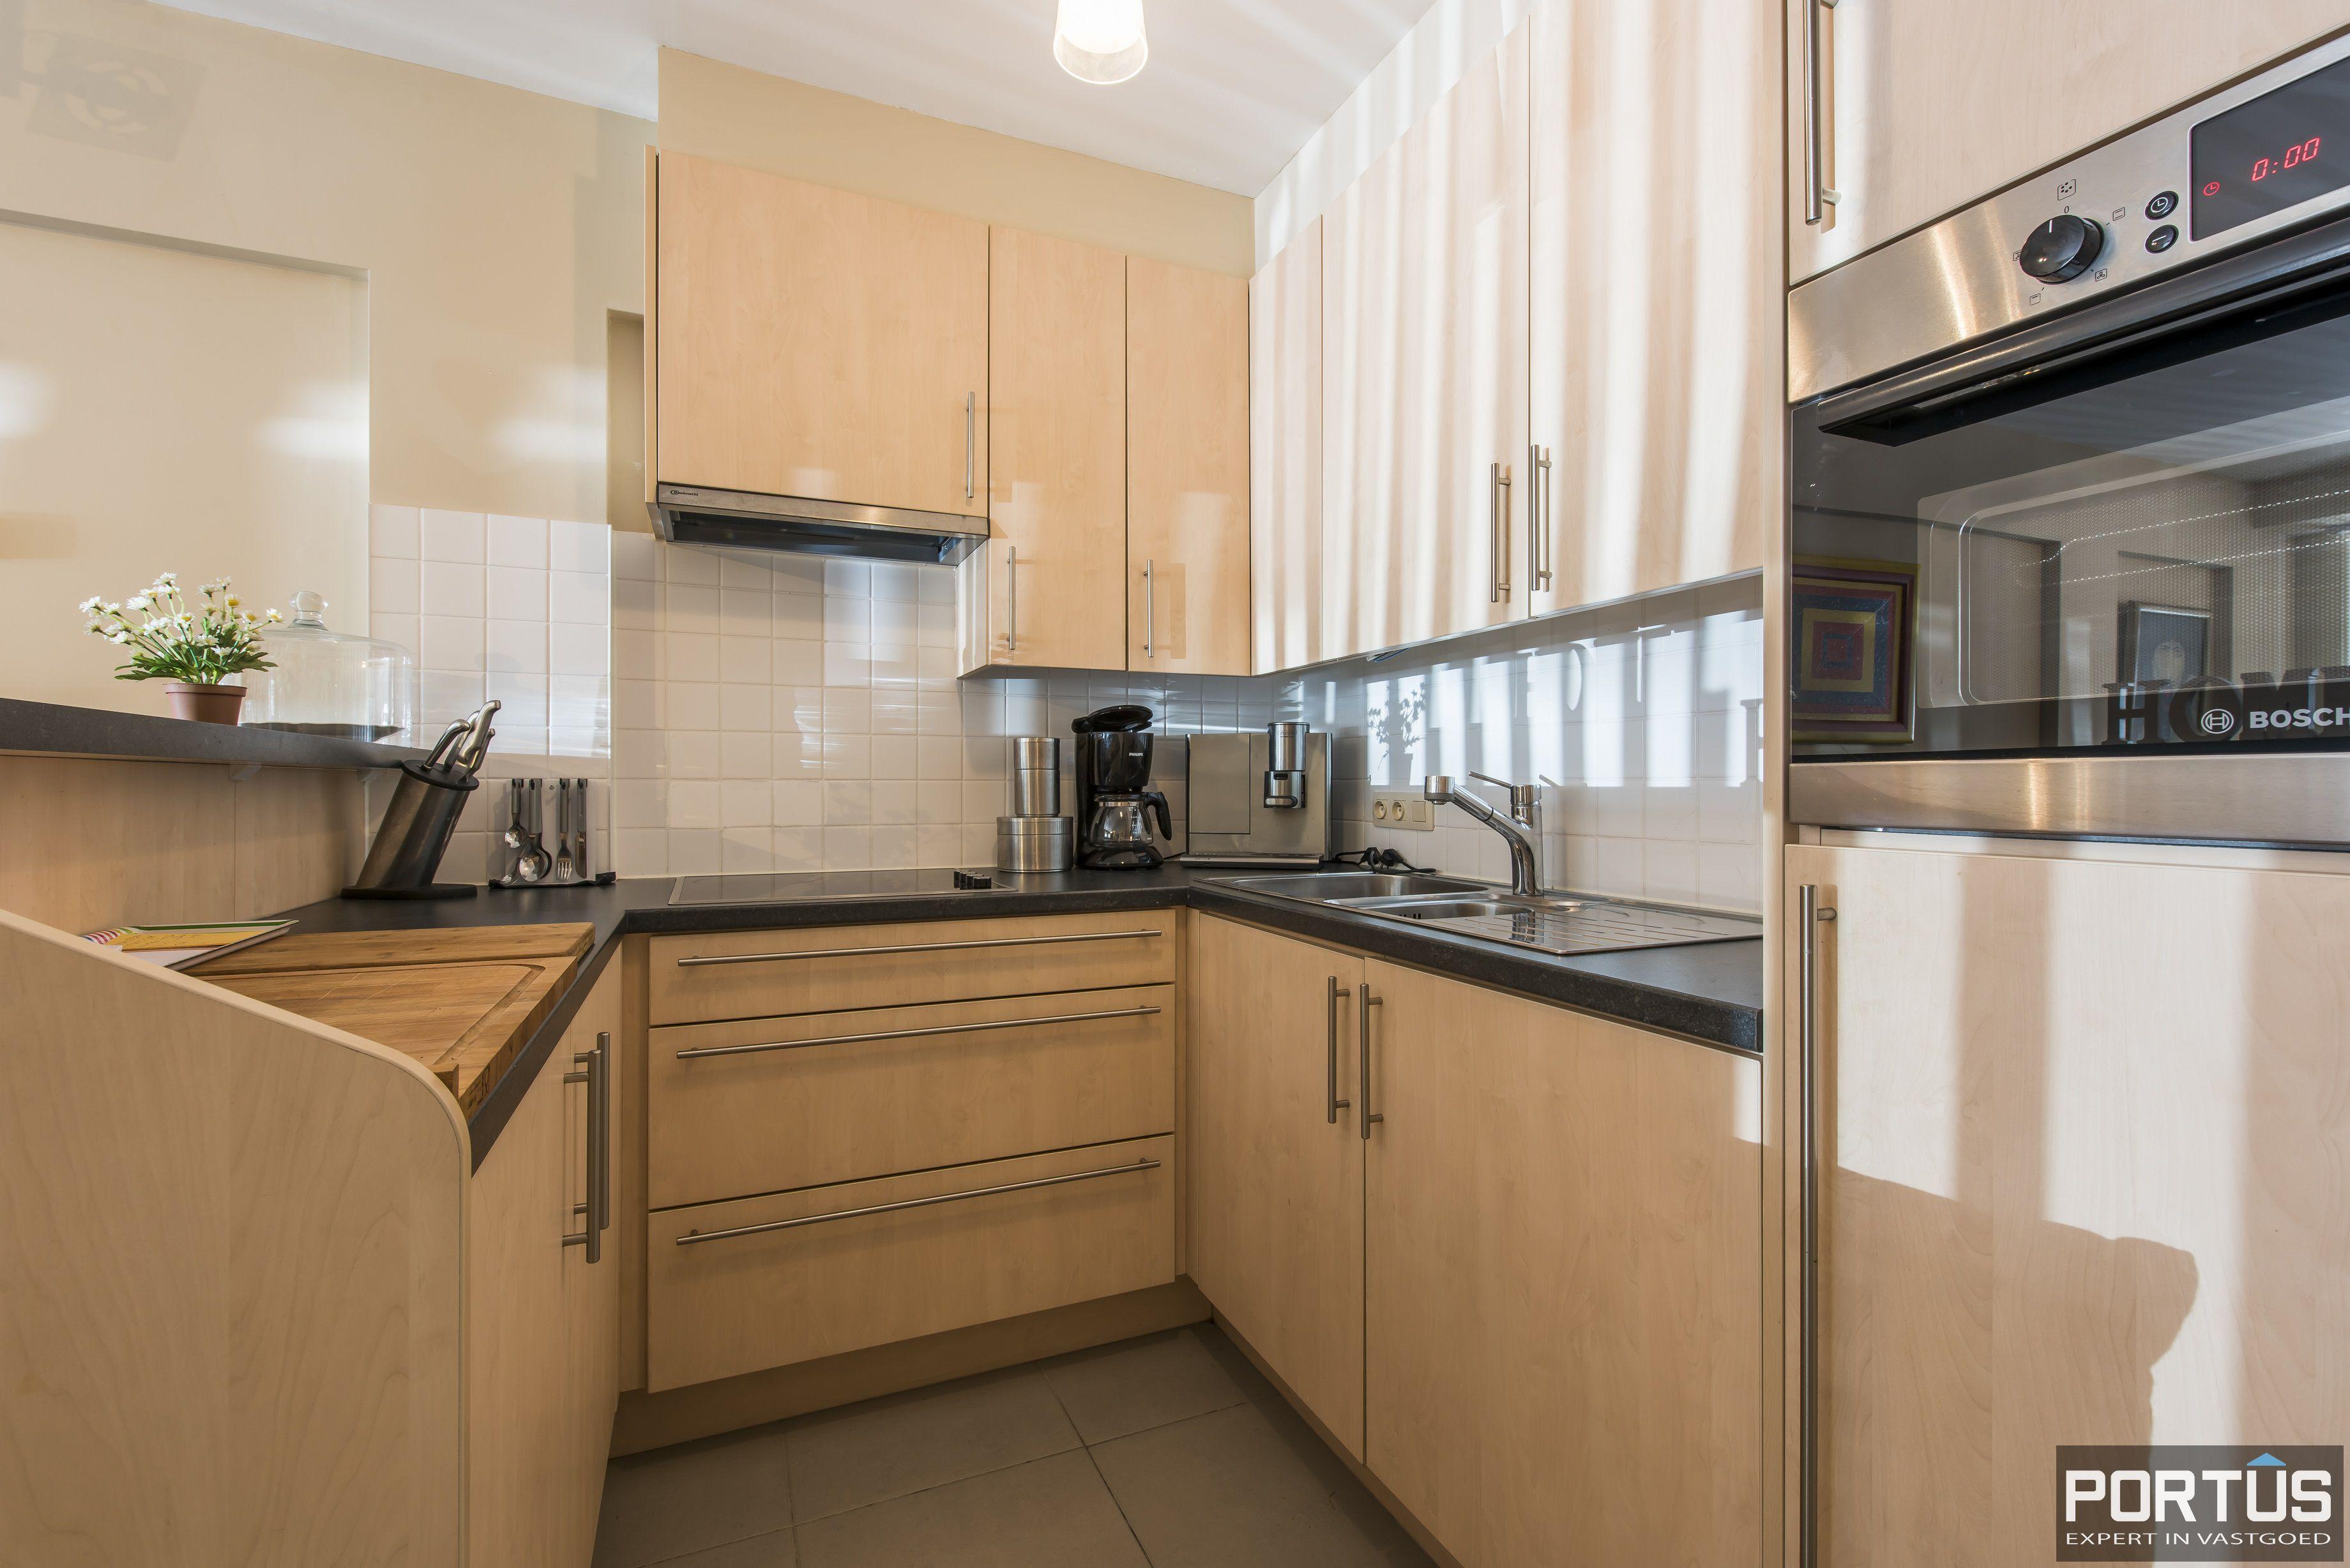 Instapklaar gelijkvloers appartement met 2 slaapkamers te koop te Nieuwpoort  - 11202